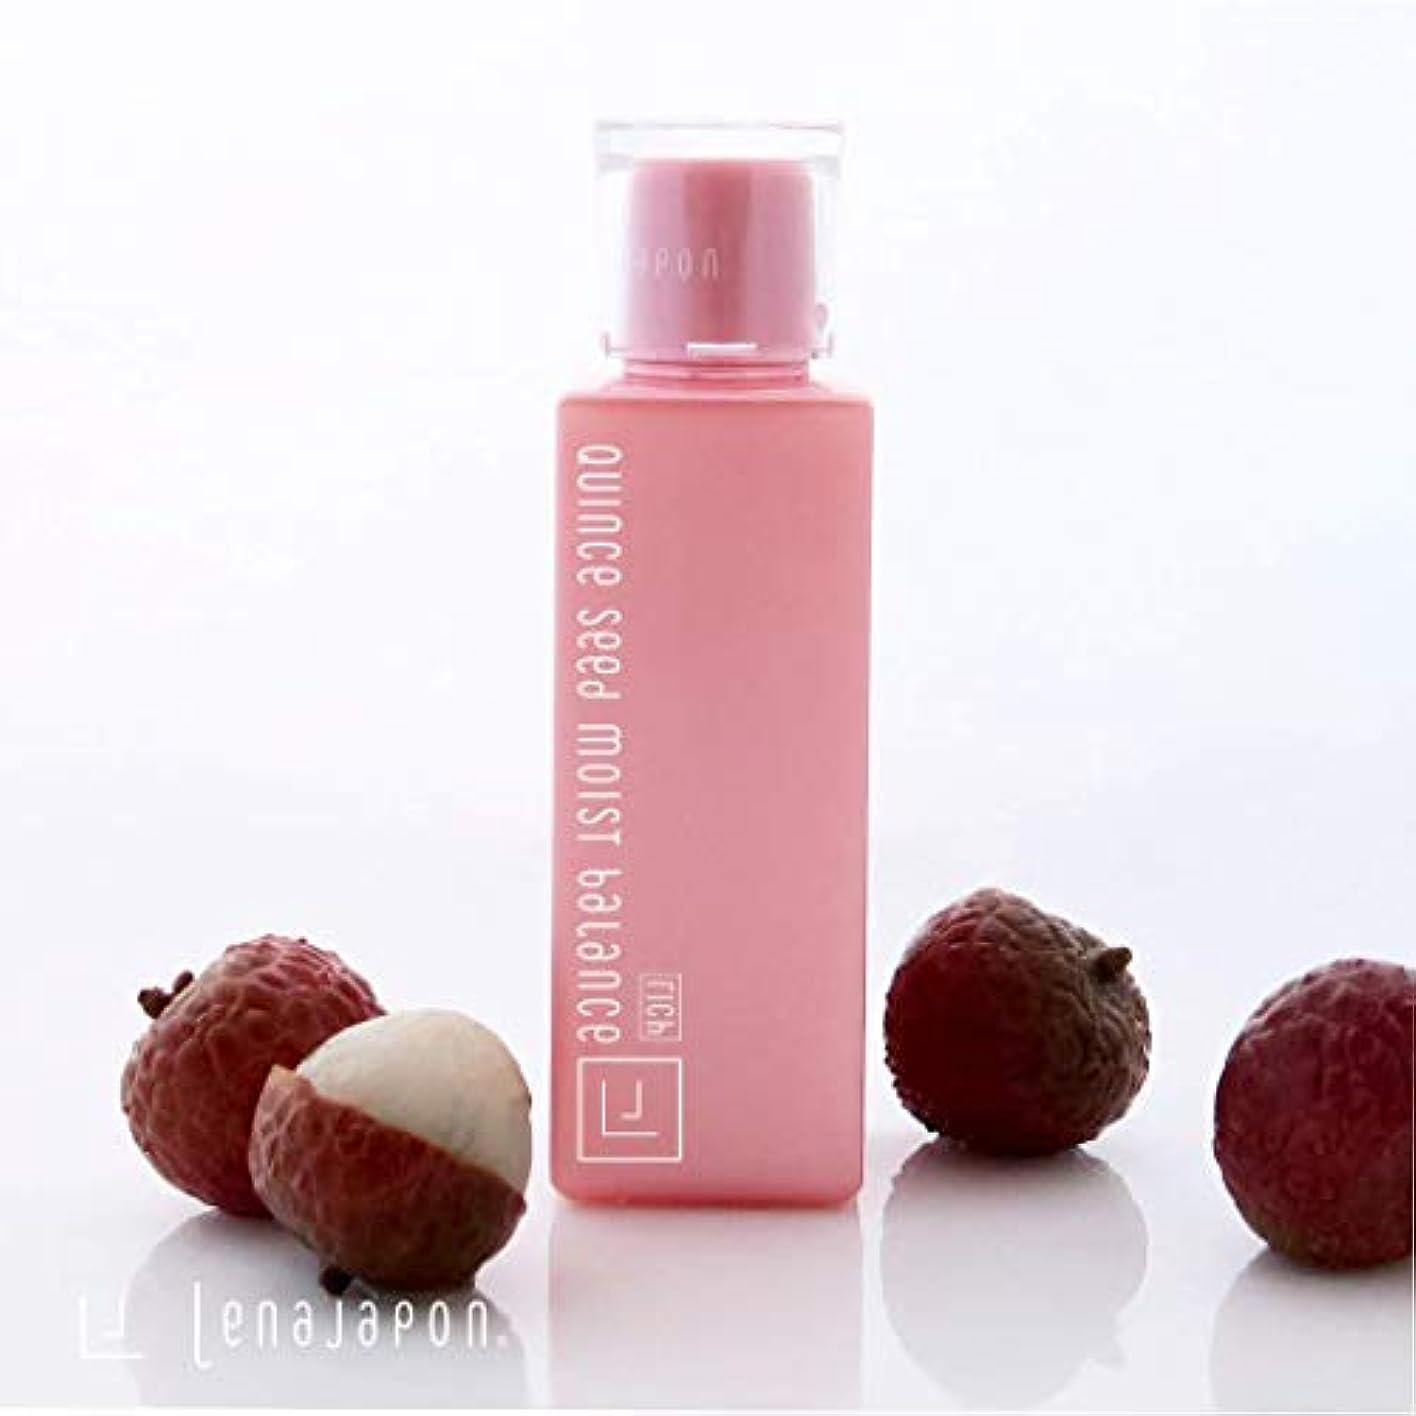 気楽なアイスクリーム有害レナジャポン〈美容化粧液〉LJ モイストバランス R(しっとりタイプ)/ LENAJAPON〈moisturizing beauty essential lotion〉LJ MOIST BALANCE R (rich)